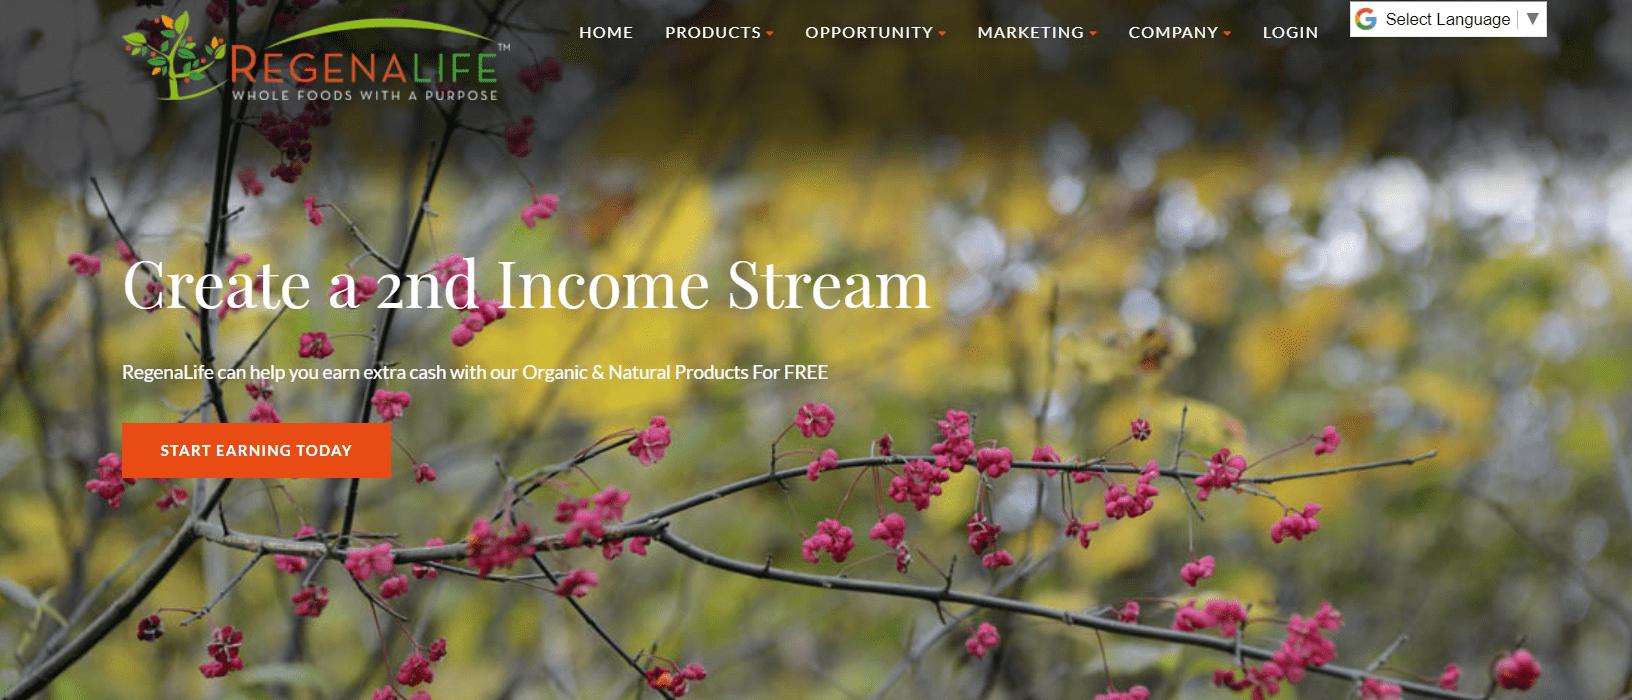 regenalife website